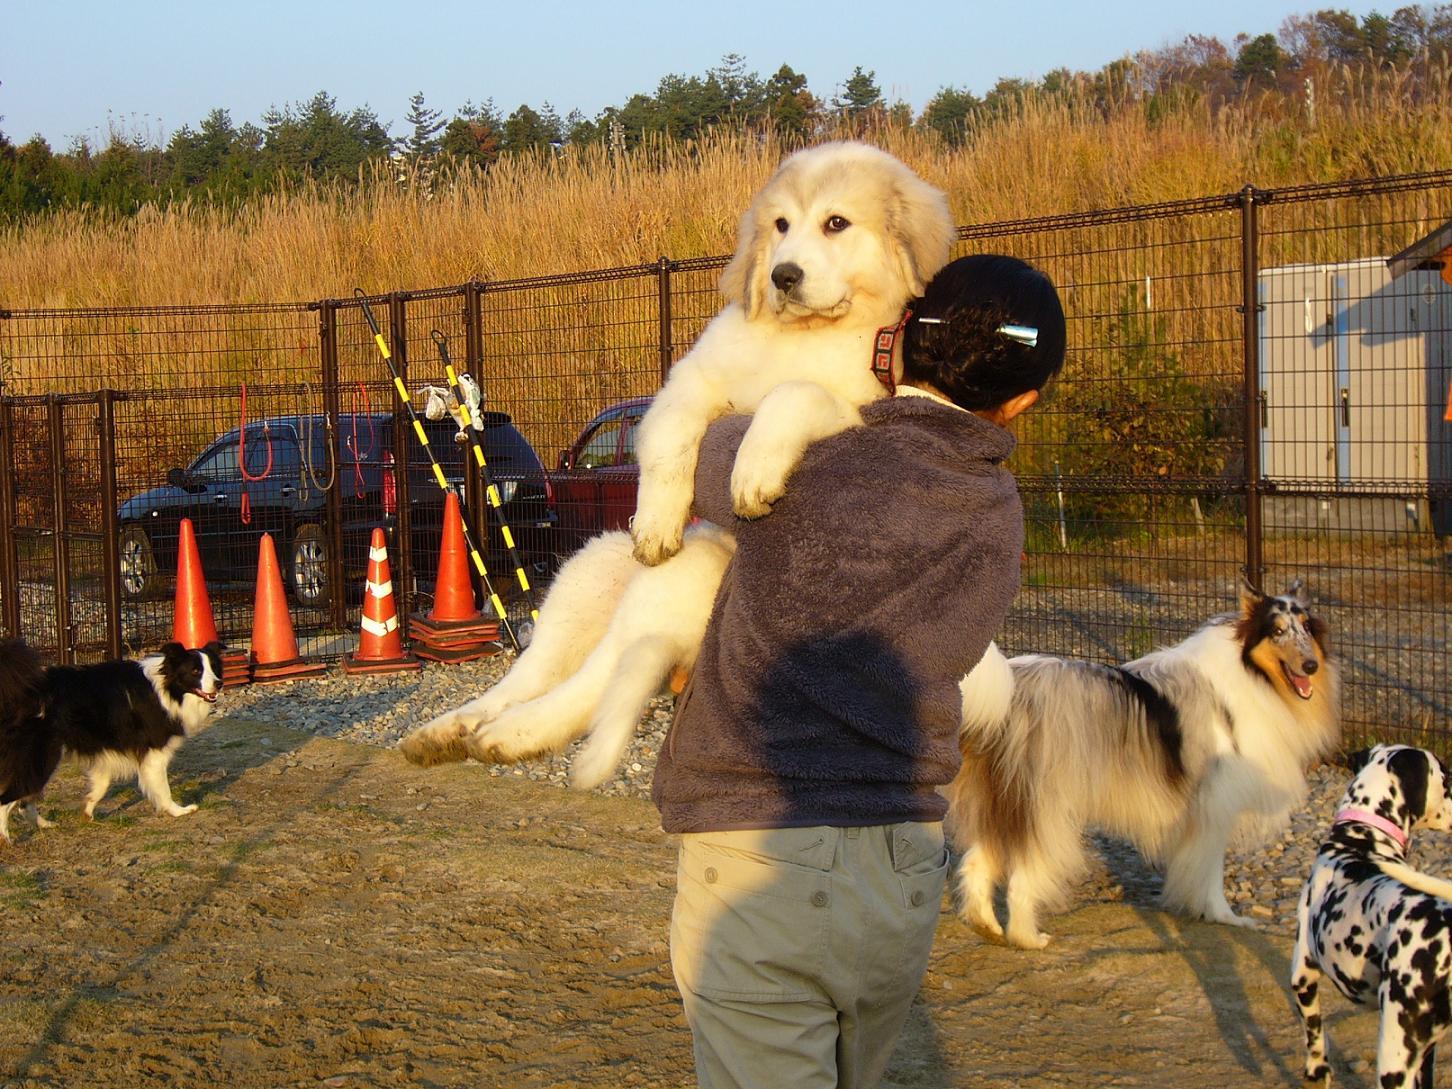 抱っこされている犬はグレートピレニーズの仔犬で 生後3ヶ月 体重